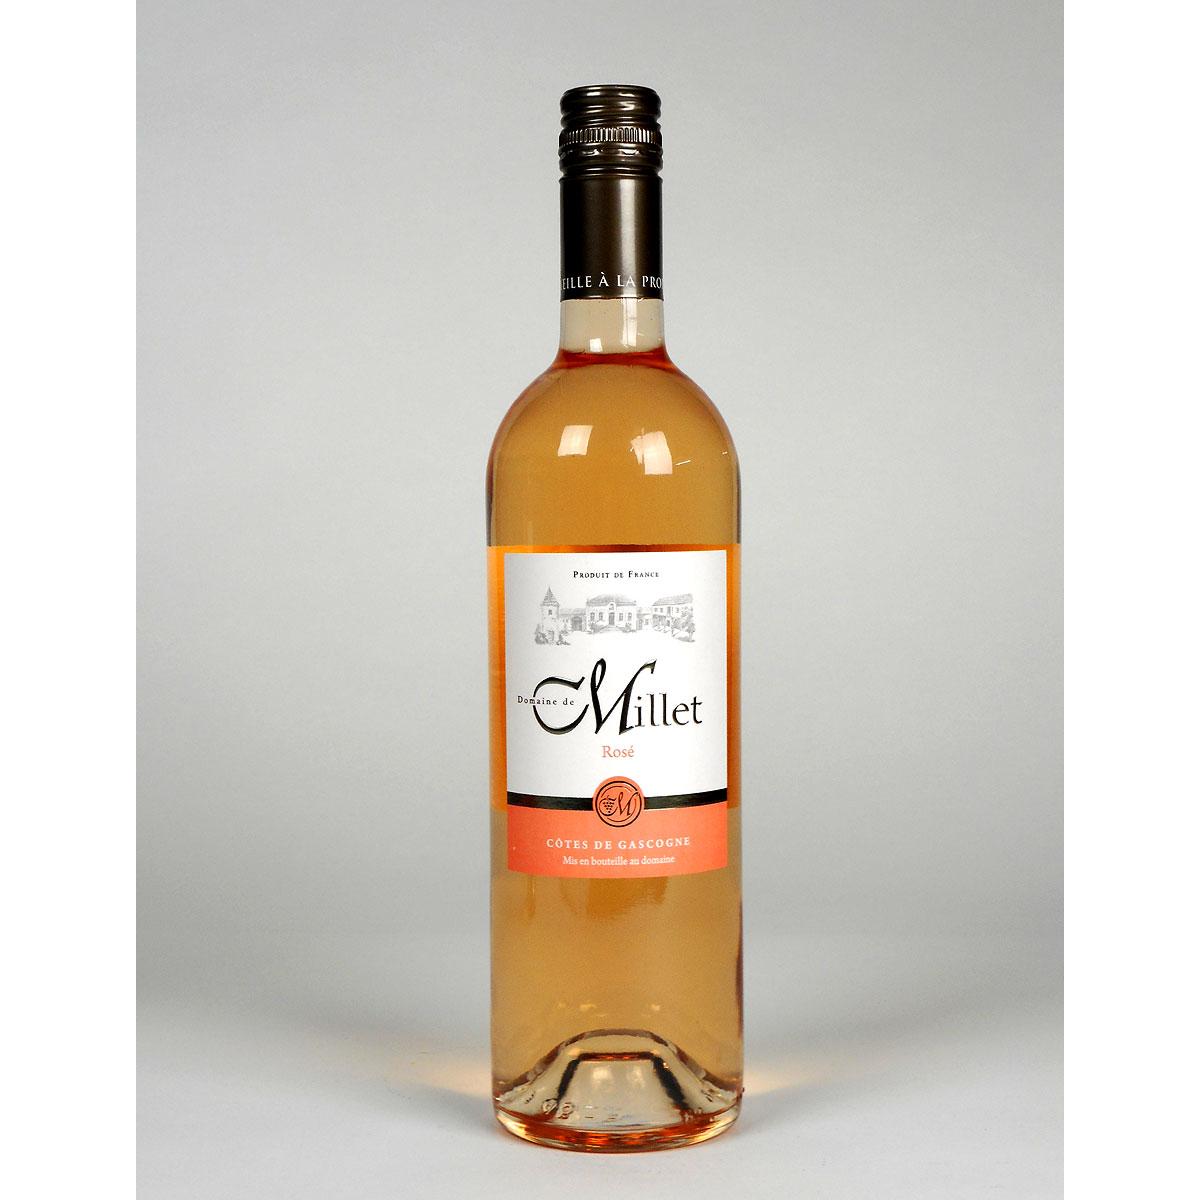 Côtes de Gascogne: Domaine Millet Rosé 2019 - Wine Bottle